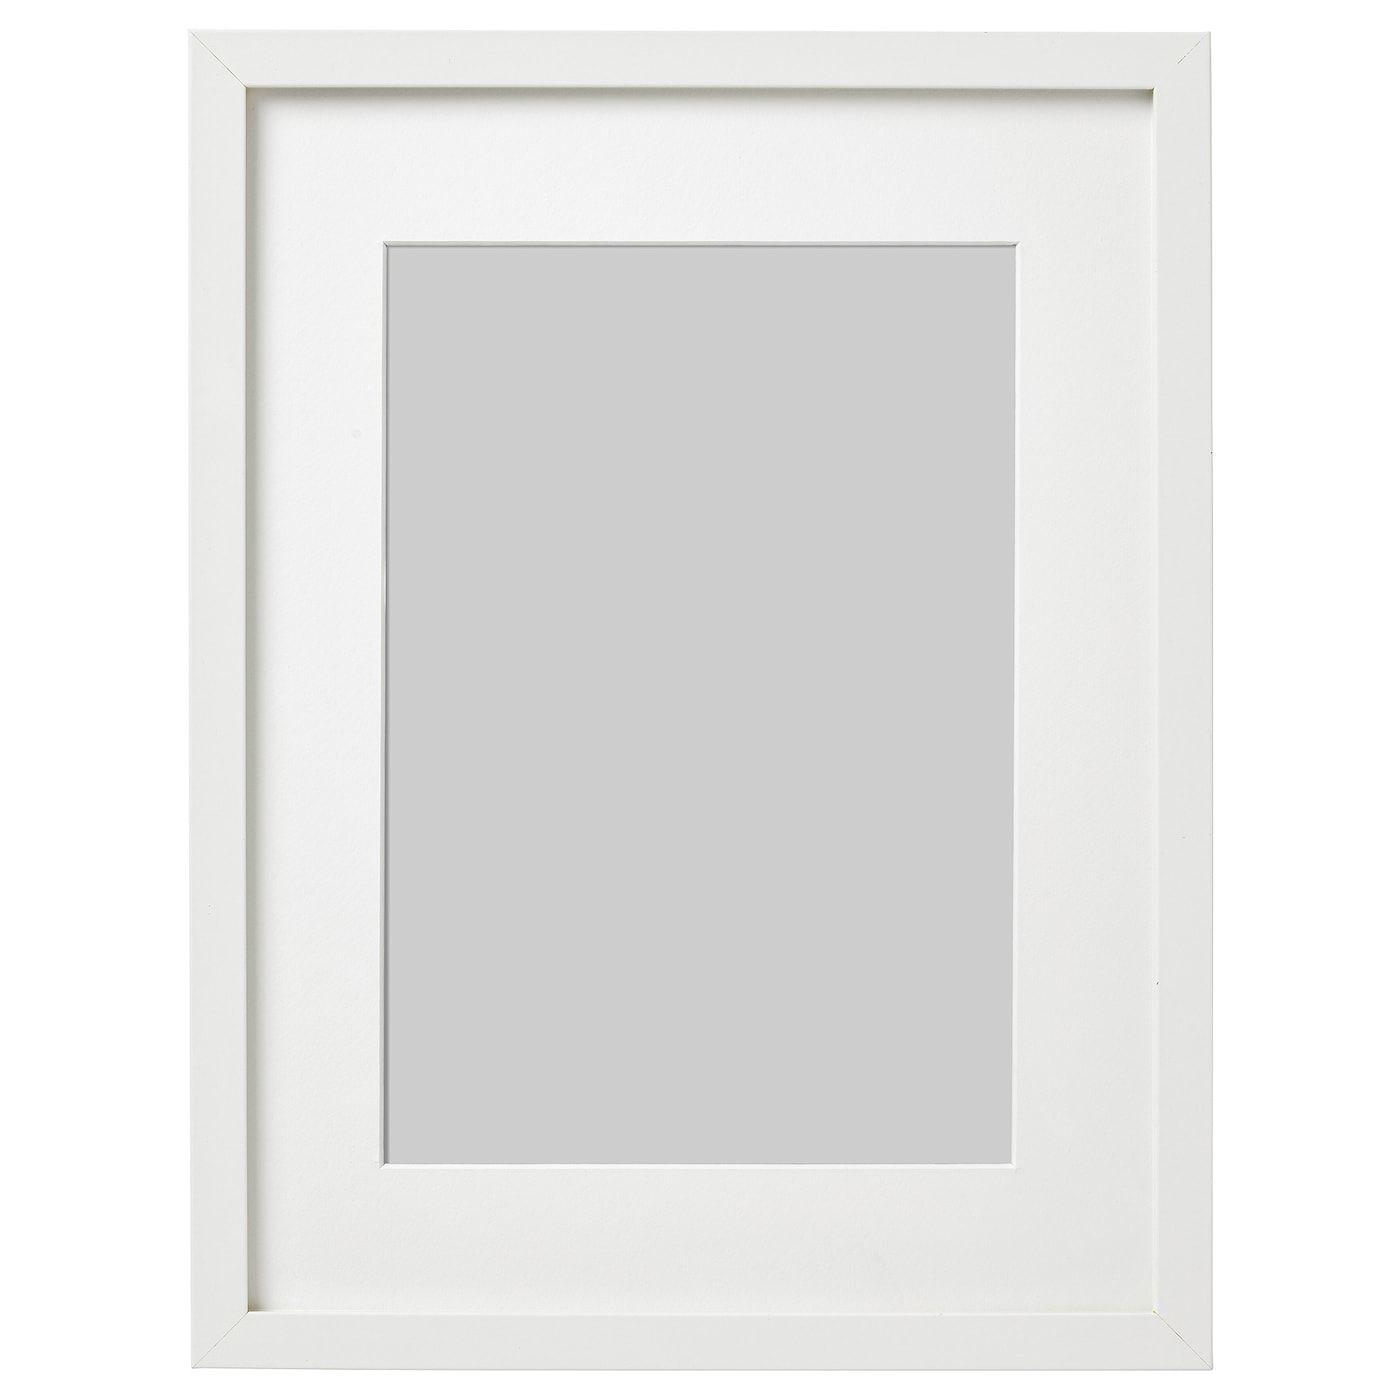 Ribba Ramka Bialy 30x40 Cm Dowiedz Sie Wiecej Ikea In 2020 Ribba Frame Frames On Wall Frame